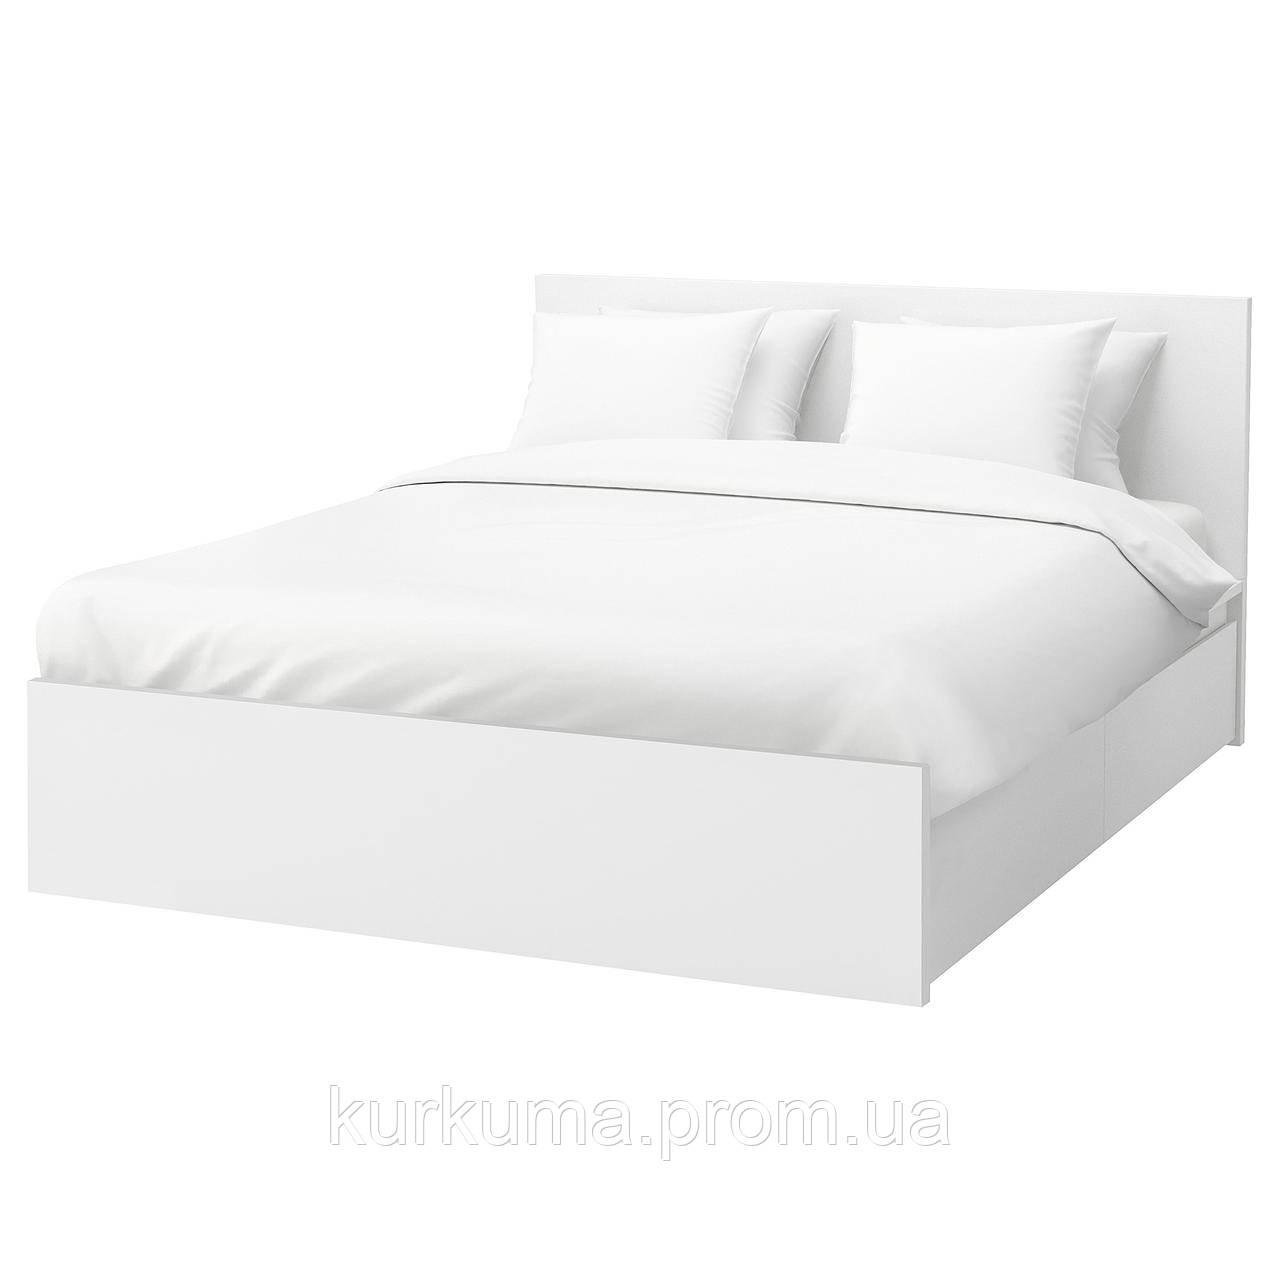 IKEA MALM Кровать высокая, 4 ящика, белый  (399.316.09)